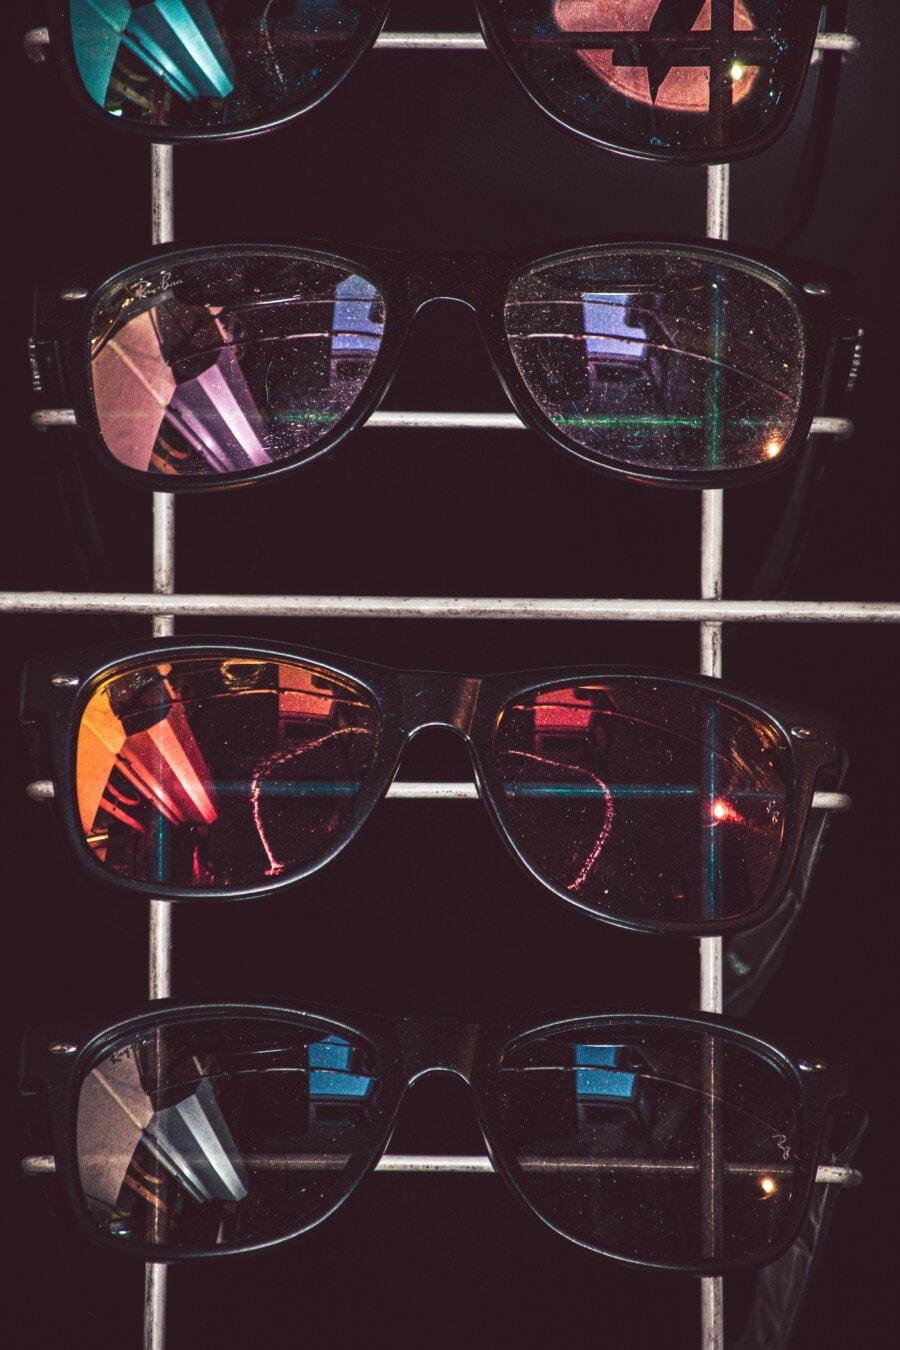 lunettes de vue, moderne, lunettes de soleil, magasin, marchandise, Shopping, produits, conception, lumière, art